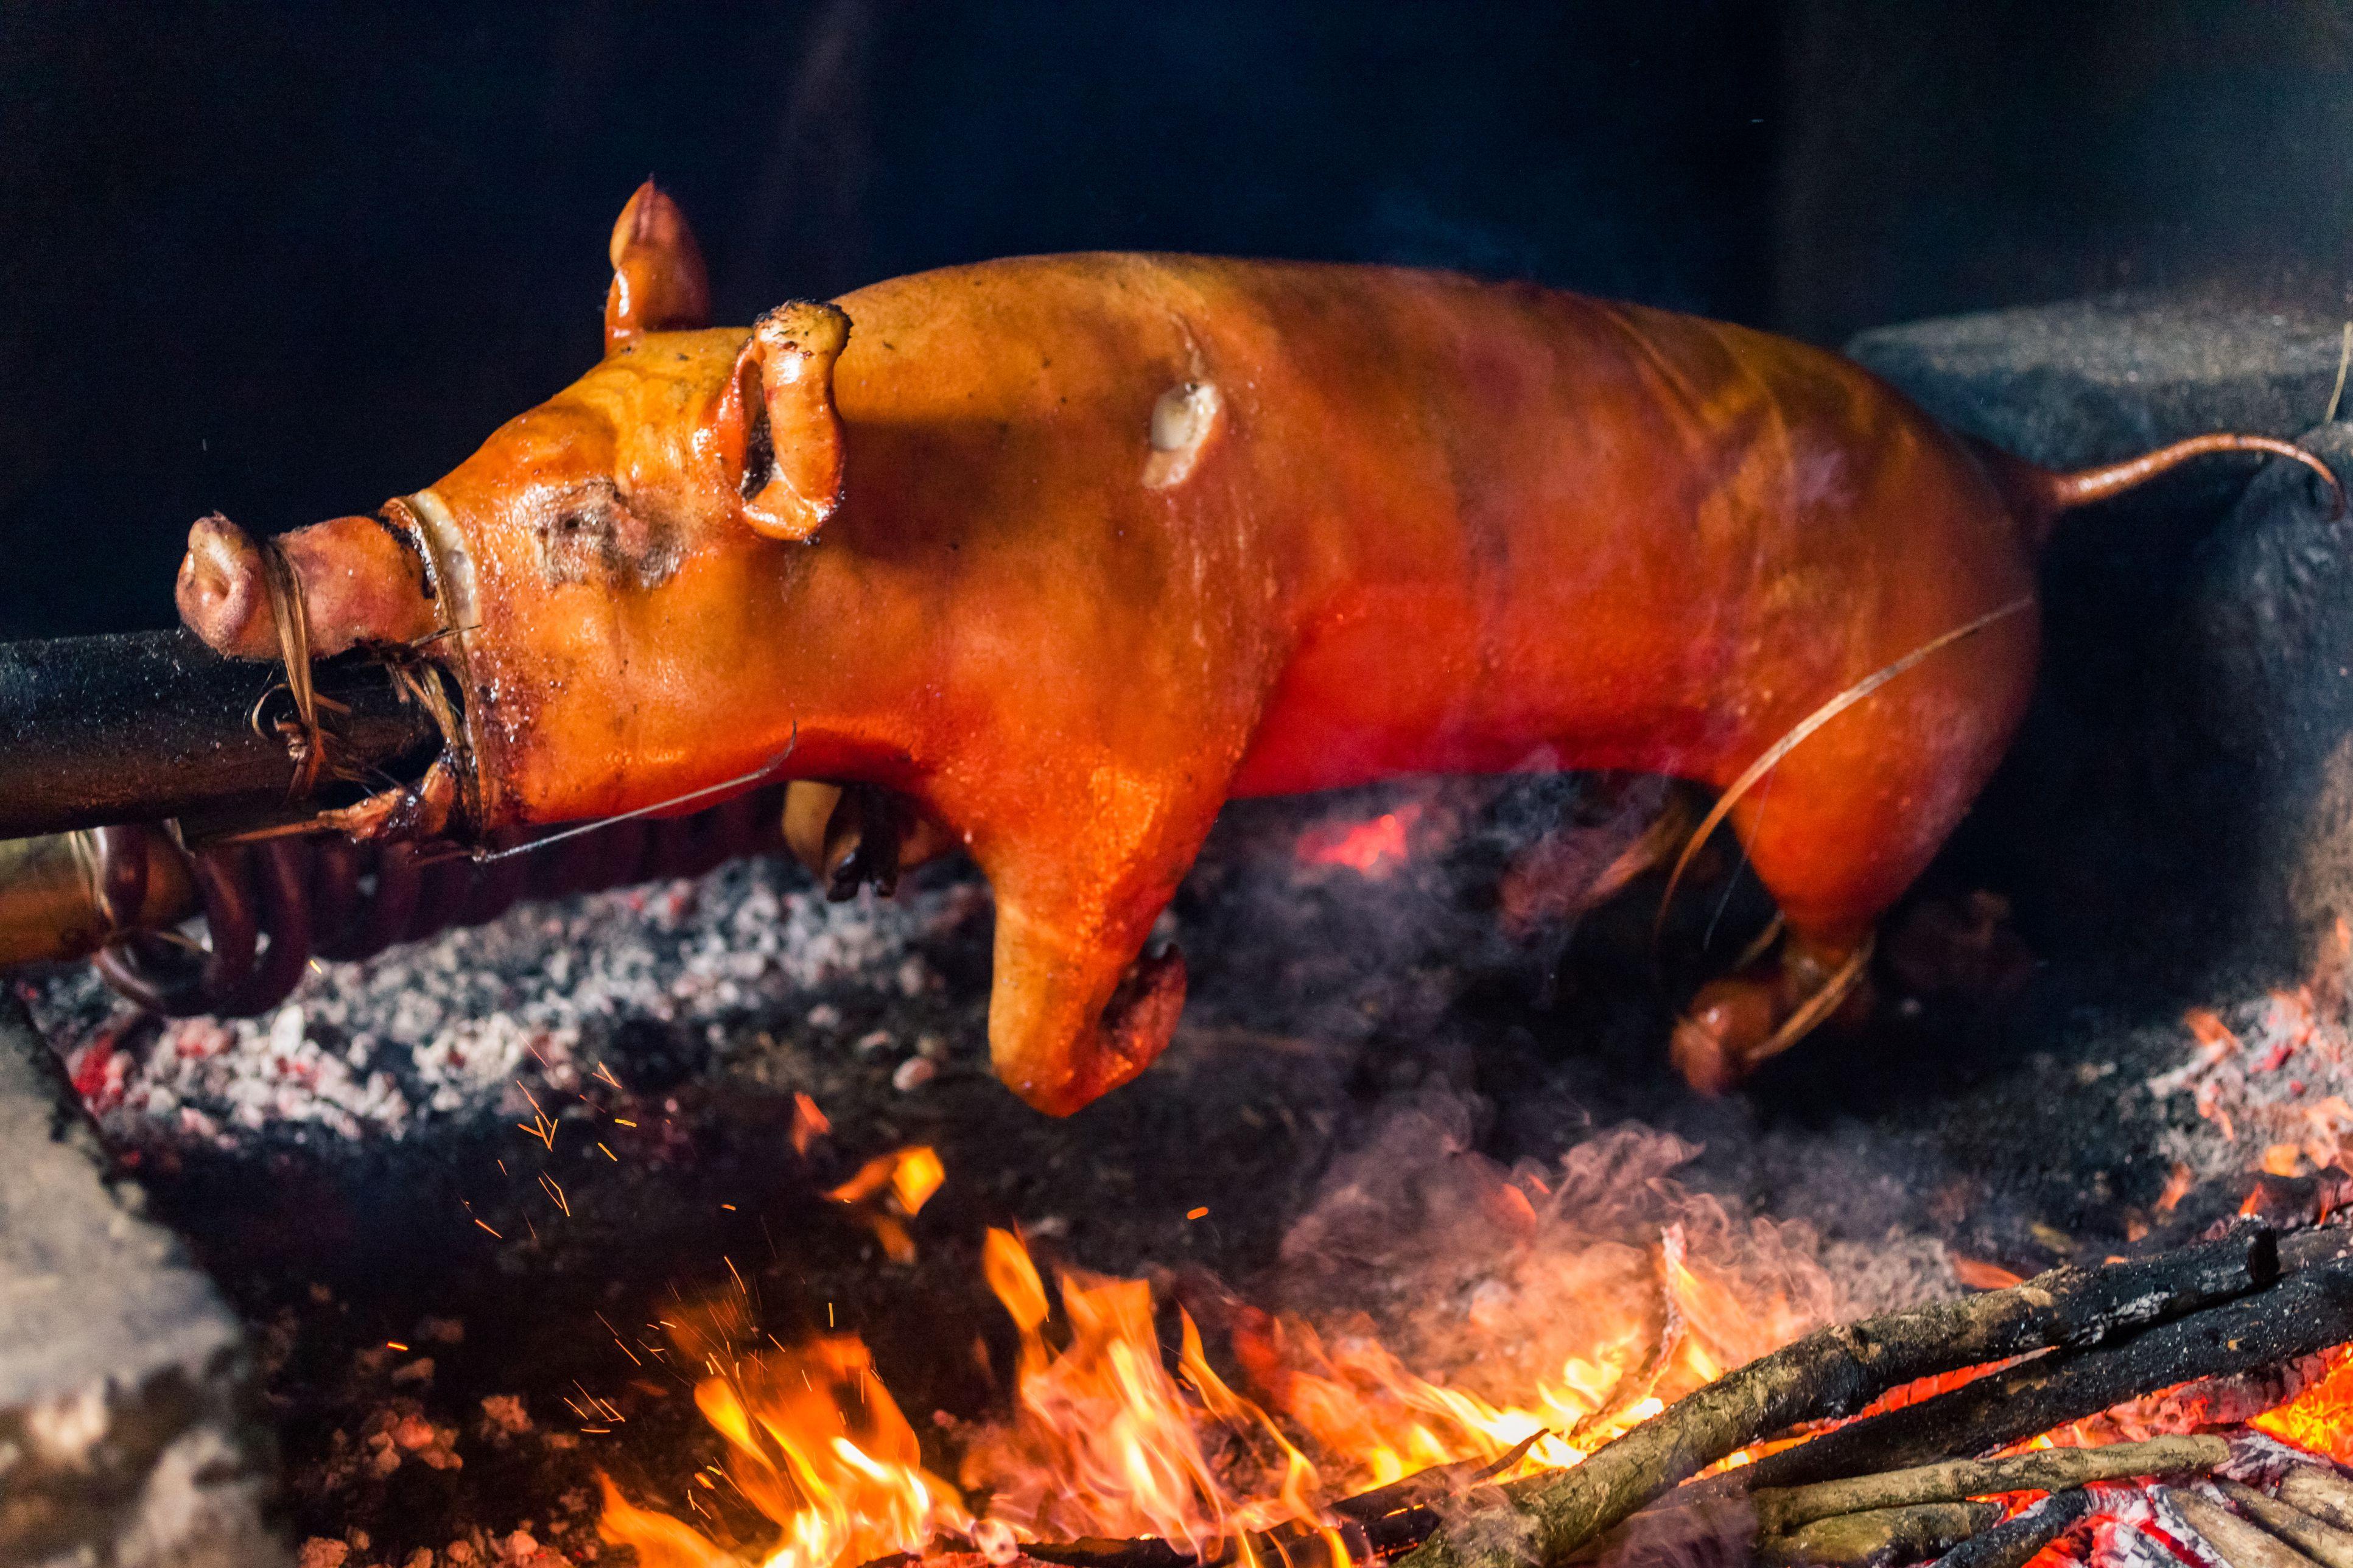 Tại sao lò quay lợn xoay lại được ưa chuộng đến vậy?